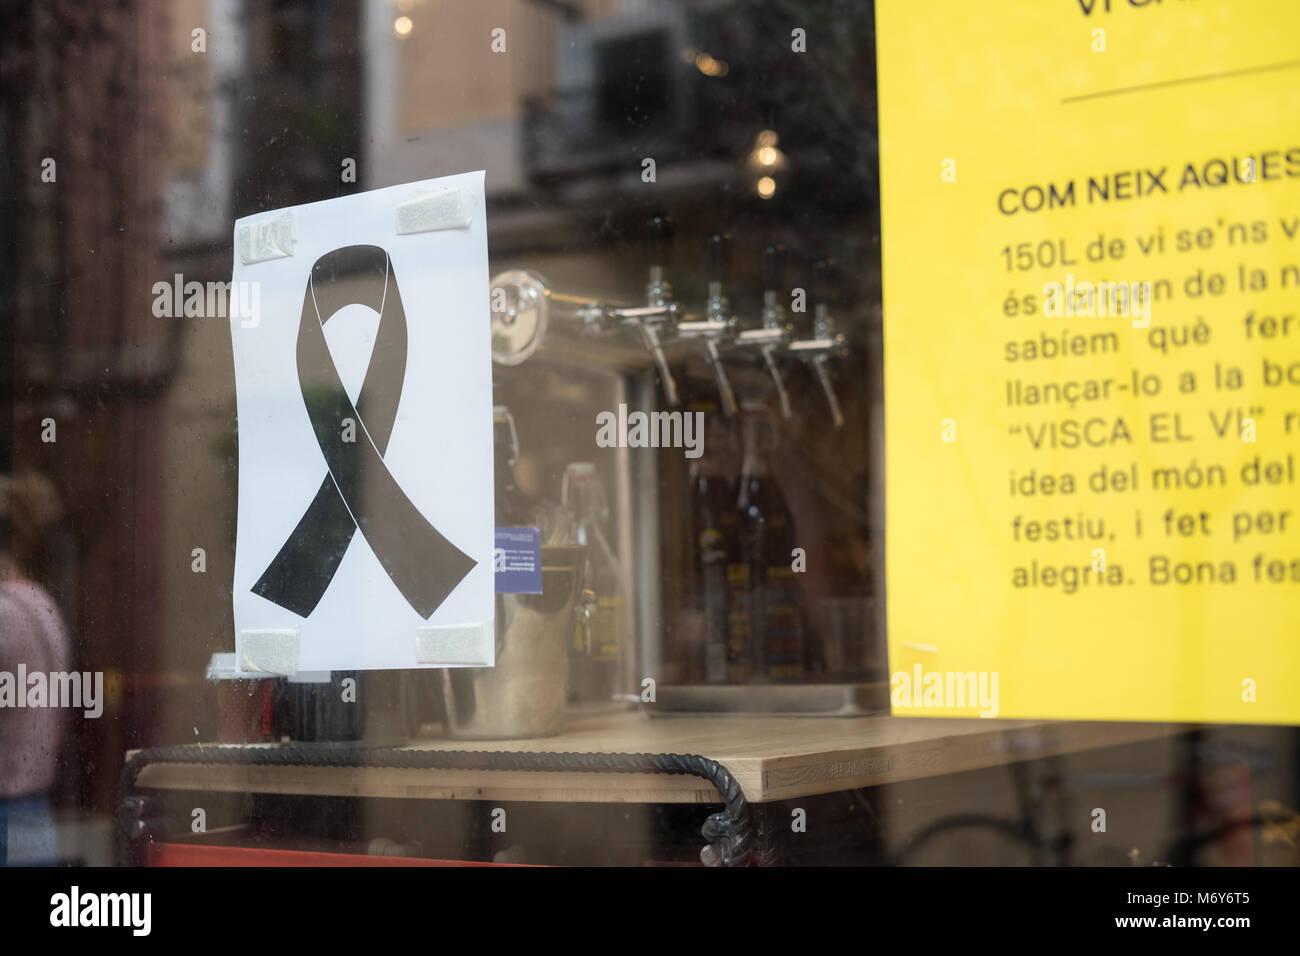 Barcelone, Espagne - août.19,2017: pleurer les symboles sont mis sur les décorations pour la célèbre partie de Gracia, à Barcelone. Après l'attaque terroriste o Banque D'Images